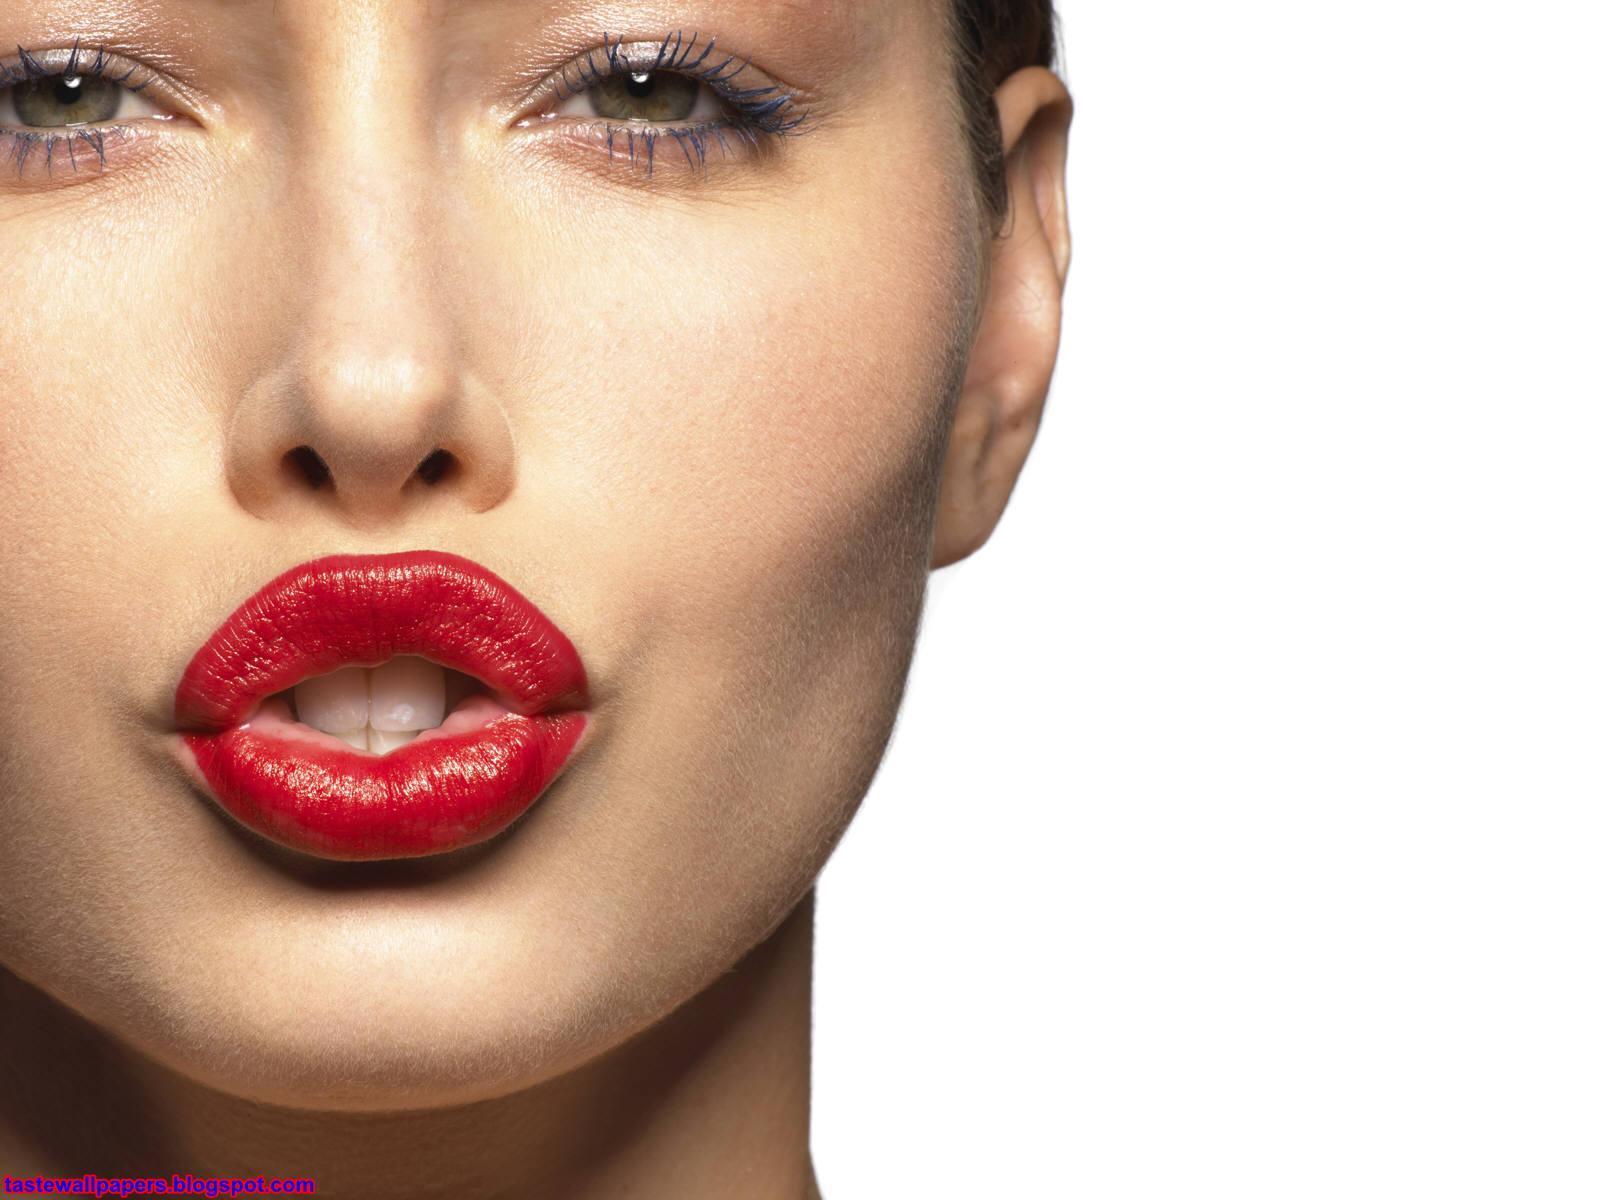 http://4.bp.blogspot.com/-IlLa1S2piO8/TqrSnkKNg6I/AAAAAAAAHYs/3EVnBv5zlEM/s1600/Jessica_Biel_hd_wallpapers_red_lips.jpg